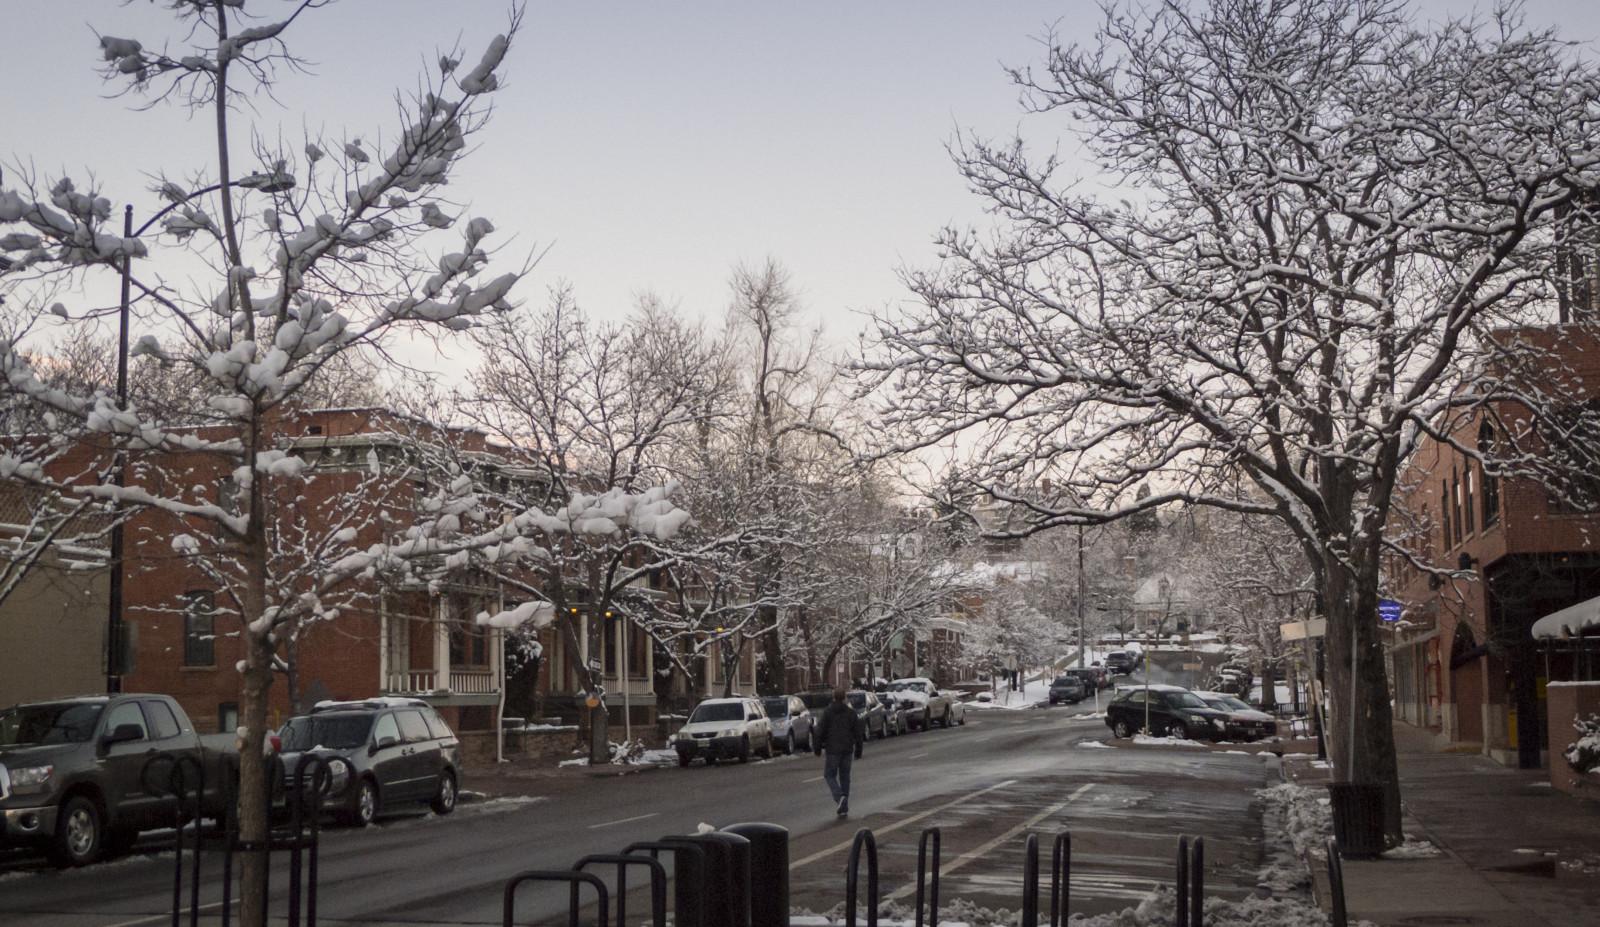 Fond d 39 cran rue paysage urbain neige hiver for Paysage de ville